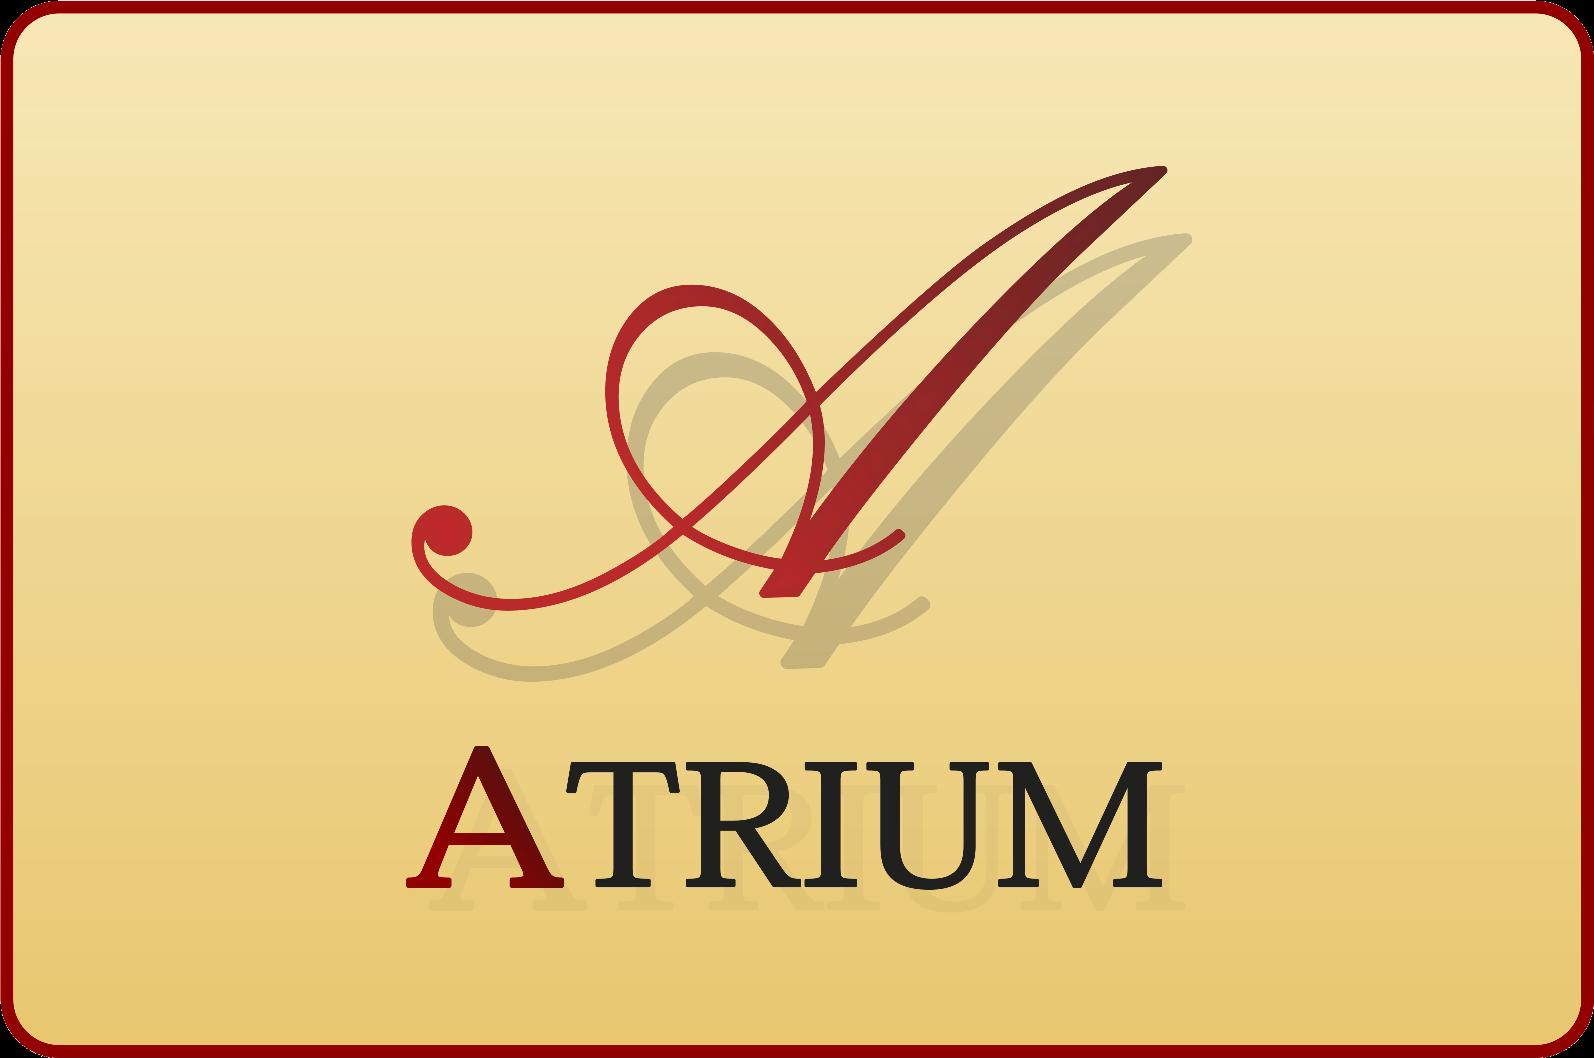 Logo Atrium mniejsze bez rogow